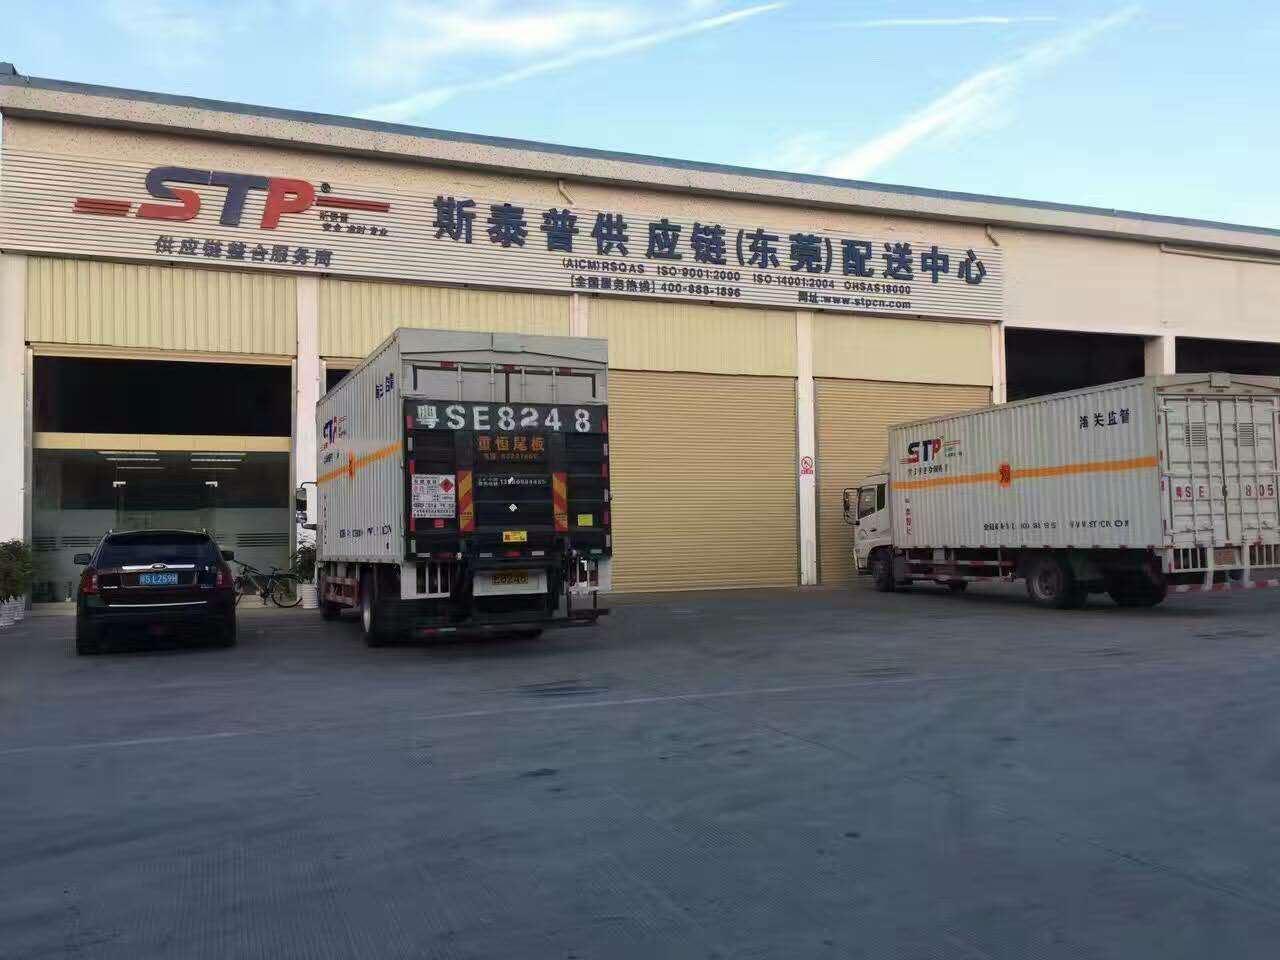 上海到营口物流专线(广东斯泰普化学供应链有限公司上海分公司)